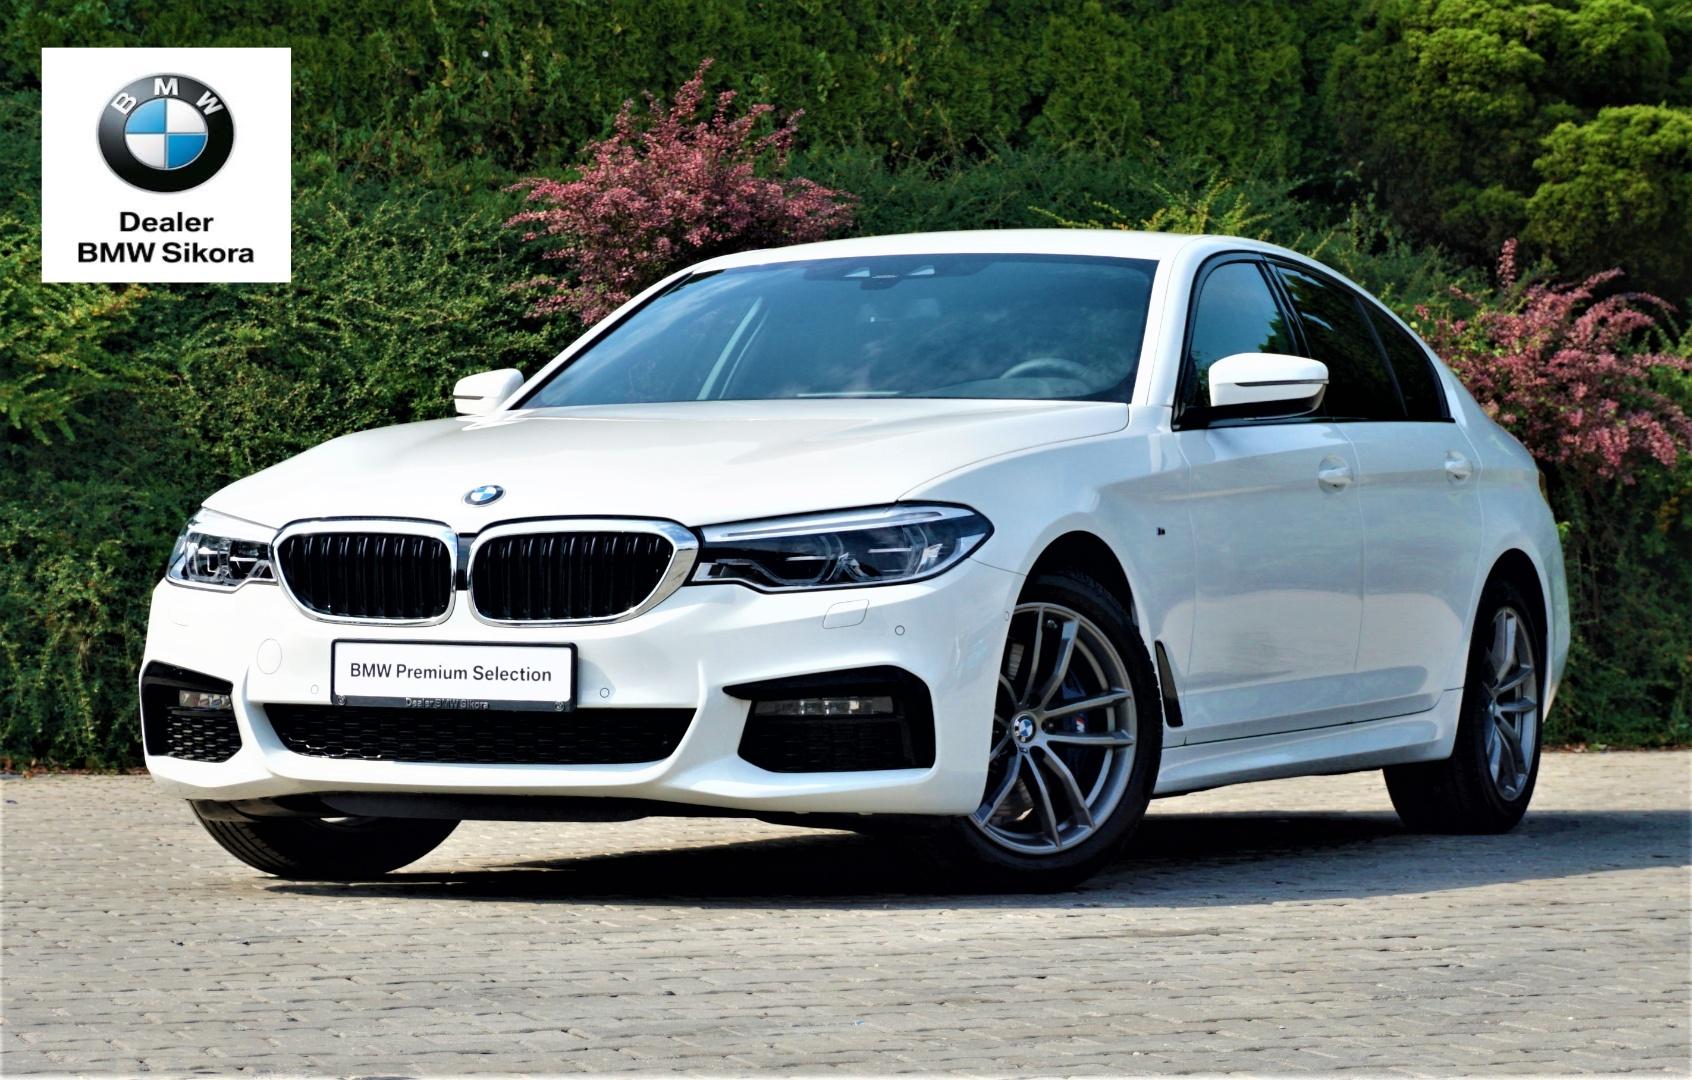 BMW Serii 5 Limuzyna 530i xDrive M Sport Biały | Dealer BMW